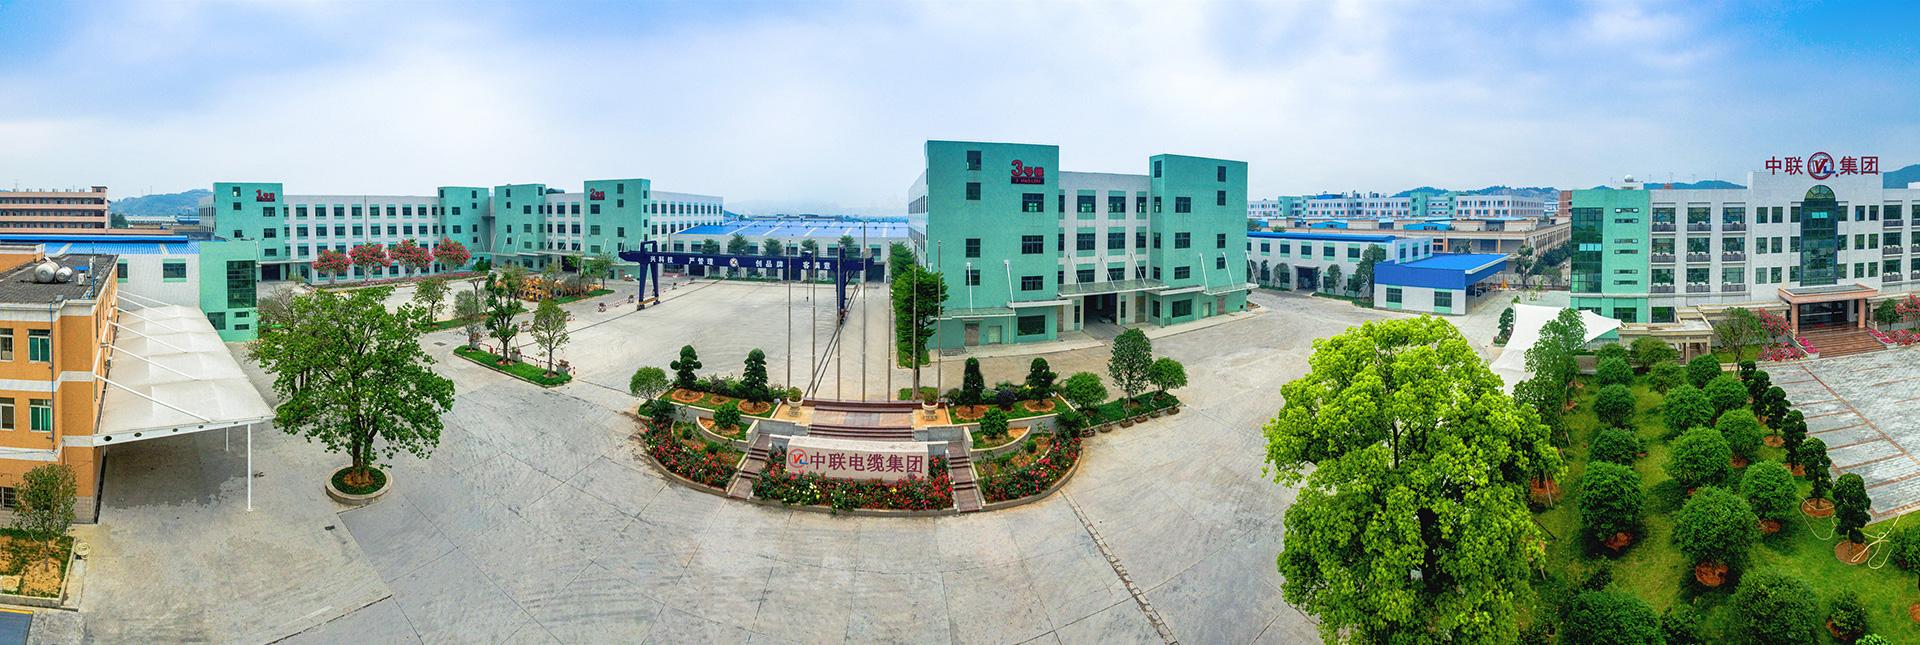 工厂全景实图_中联电缆_广州分站